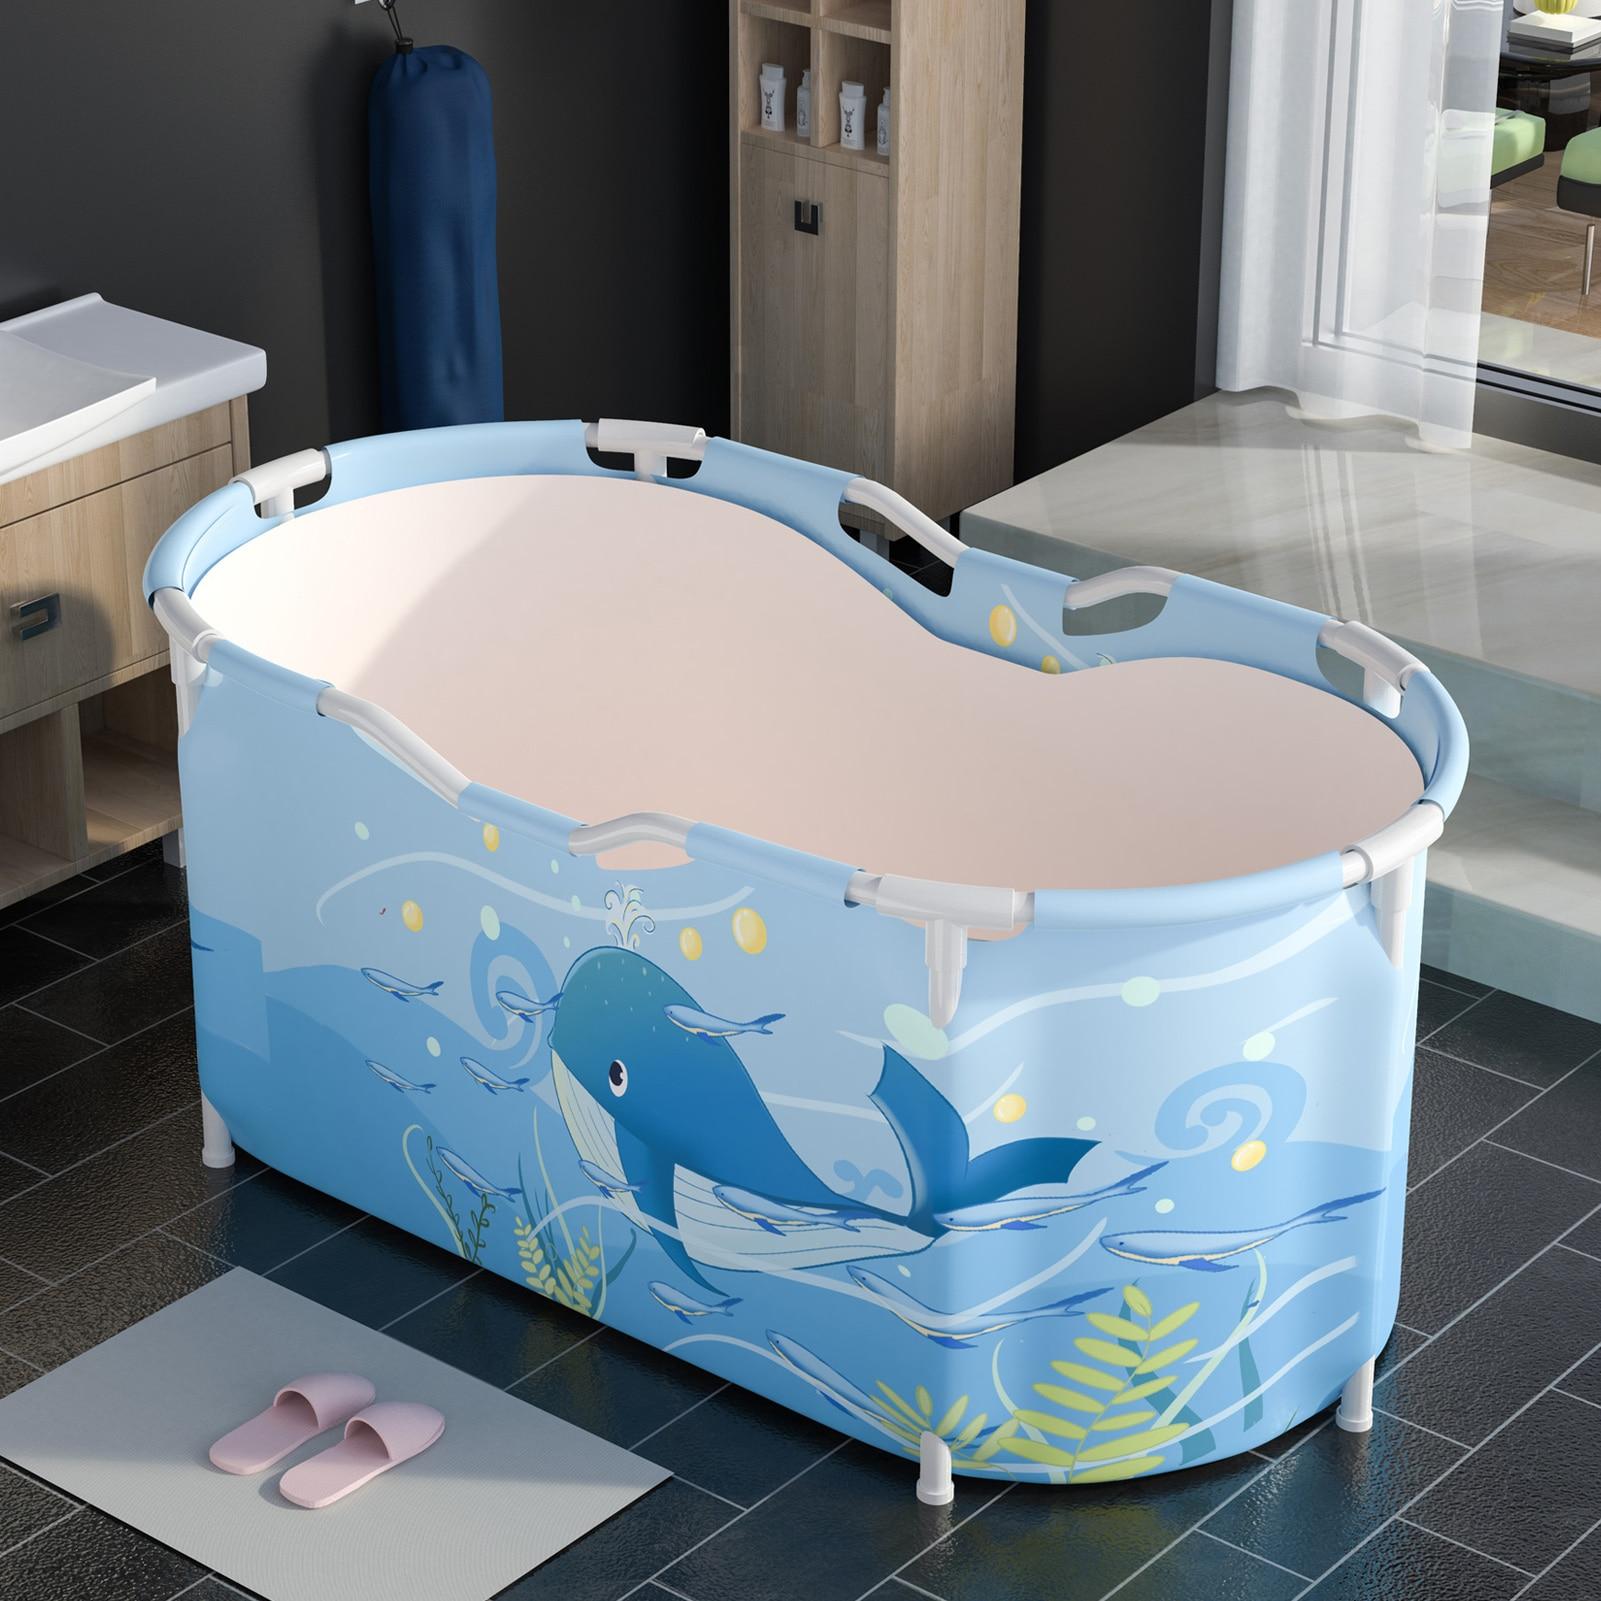 Large Bathtub Adult Bath Tub Barrel Sweat Steaming Plastic Thicken Portable Bathtub Home Sauna Insulation Folding Bath Bucket